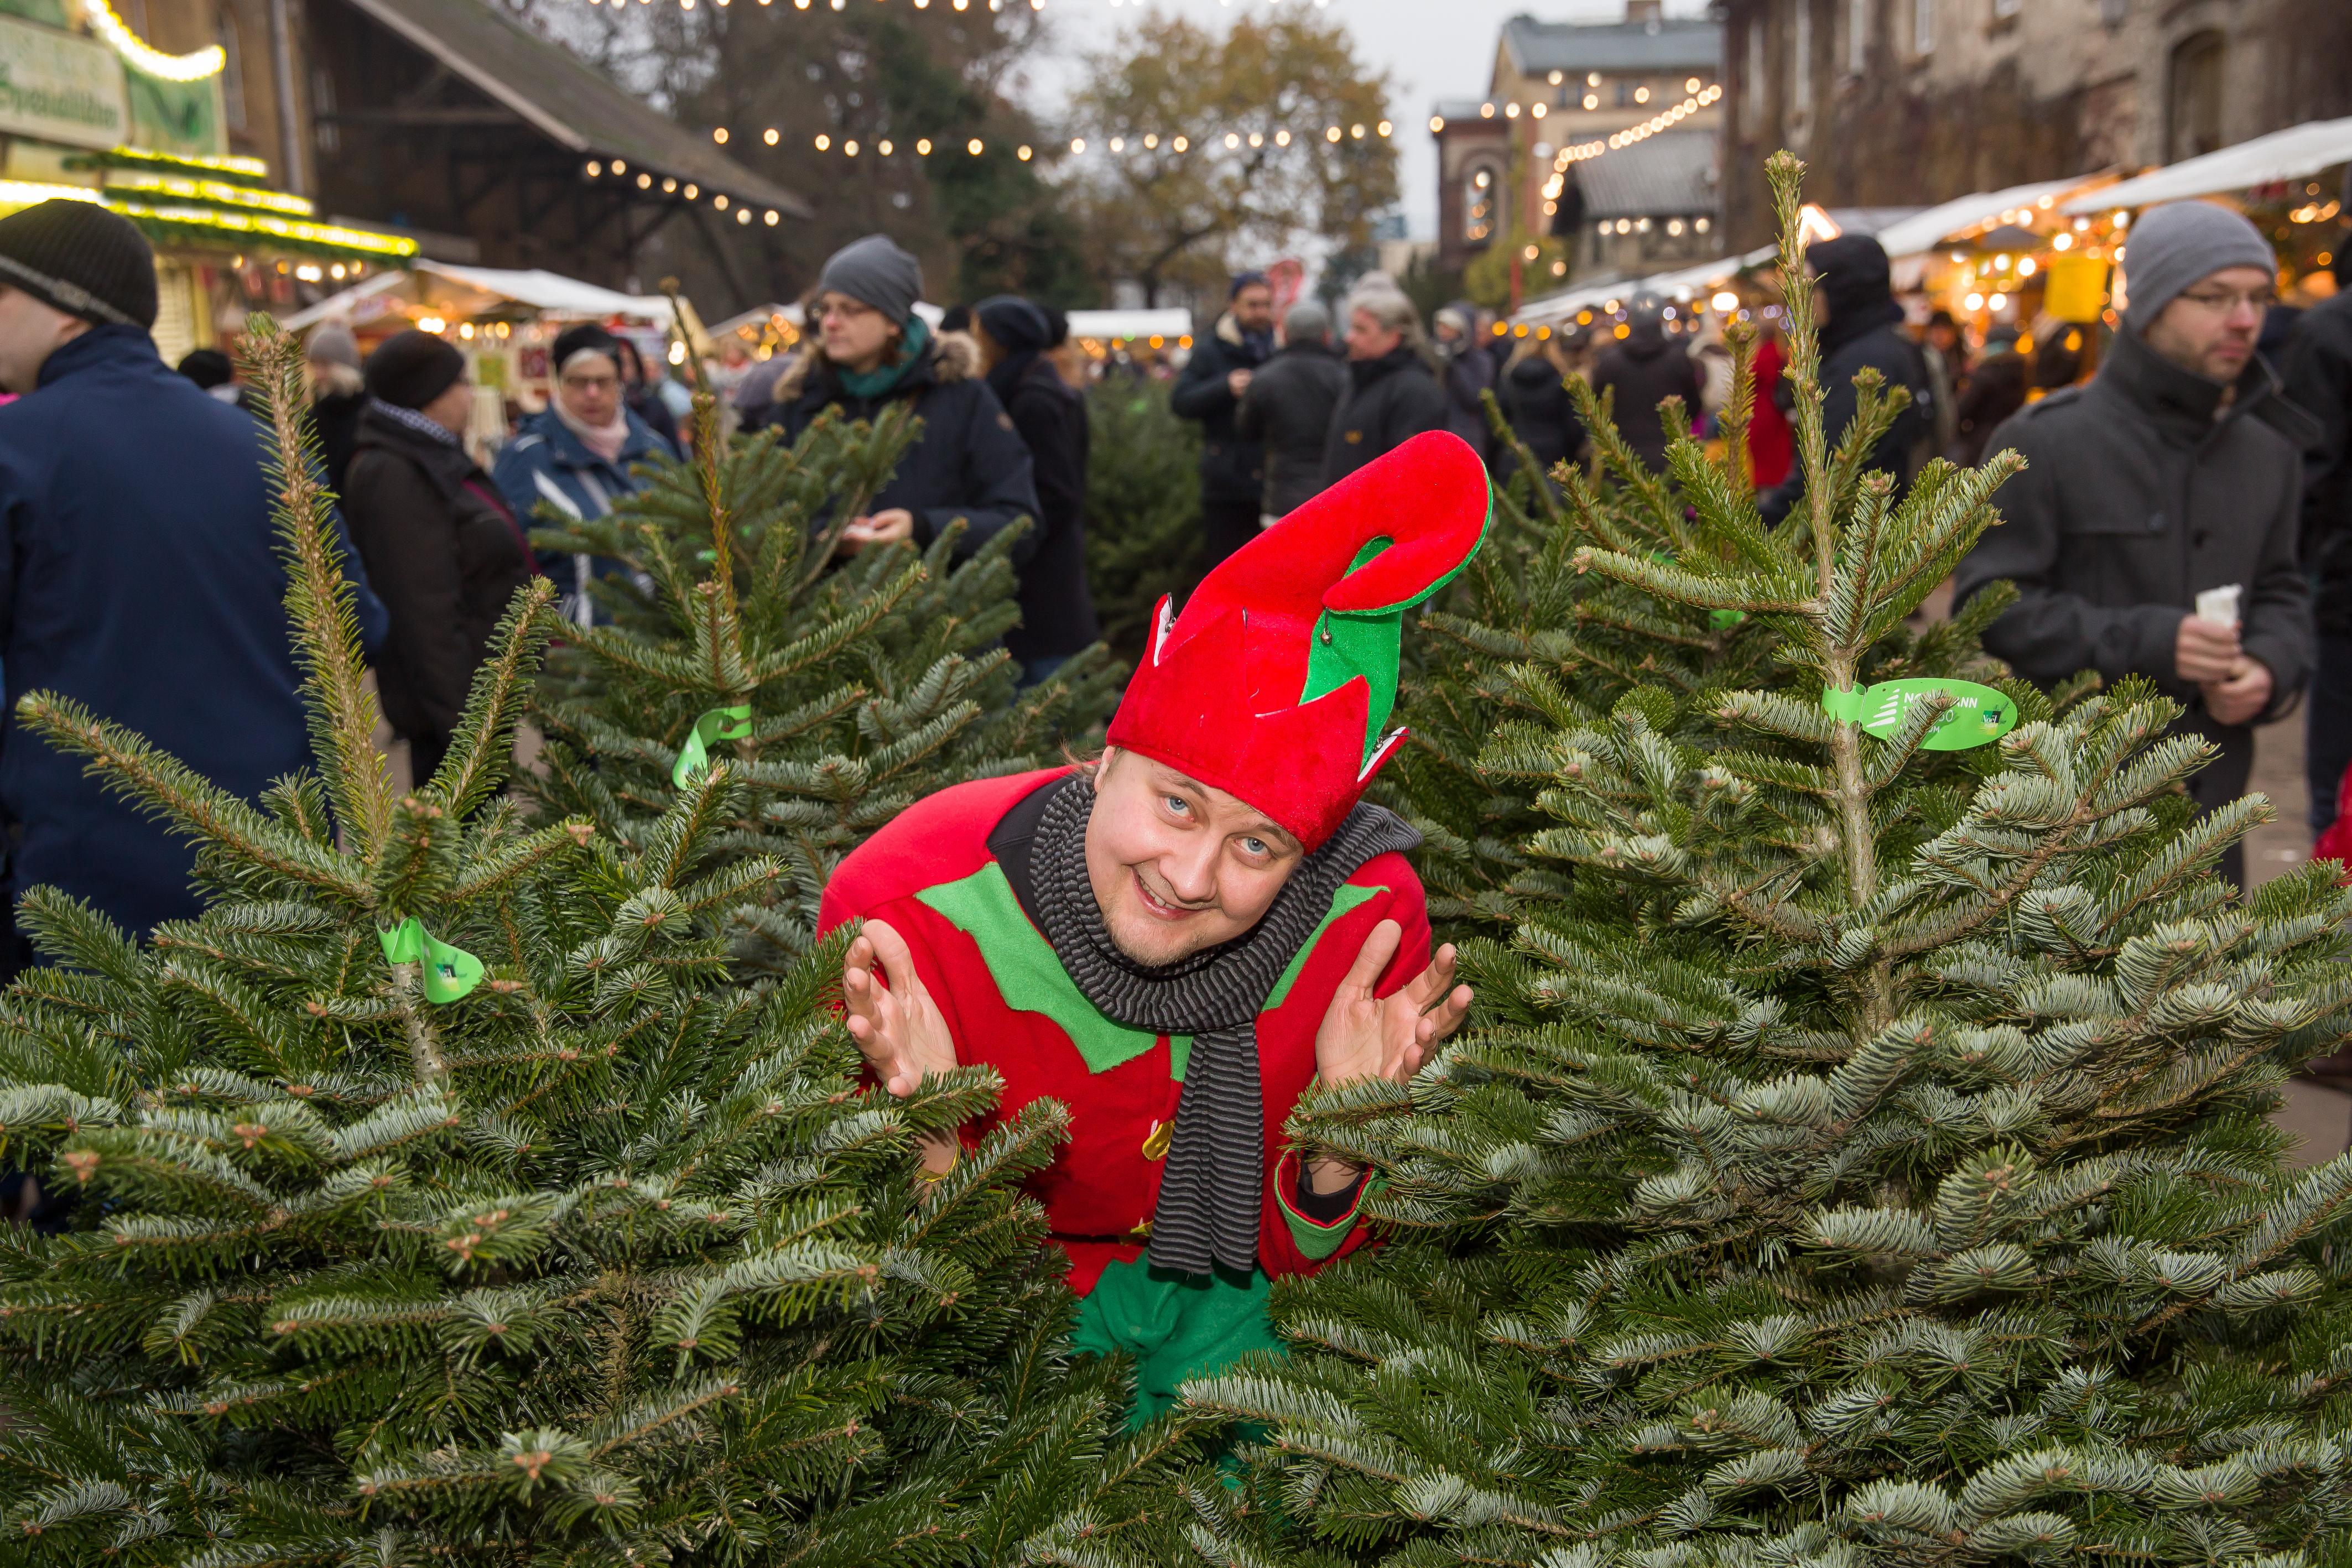 Weihnachtswichtel inmittten von Tannenbäumen auf dem historischen Hof